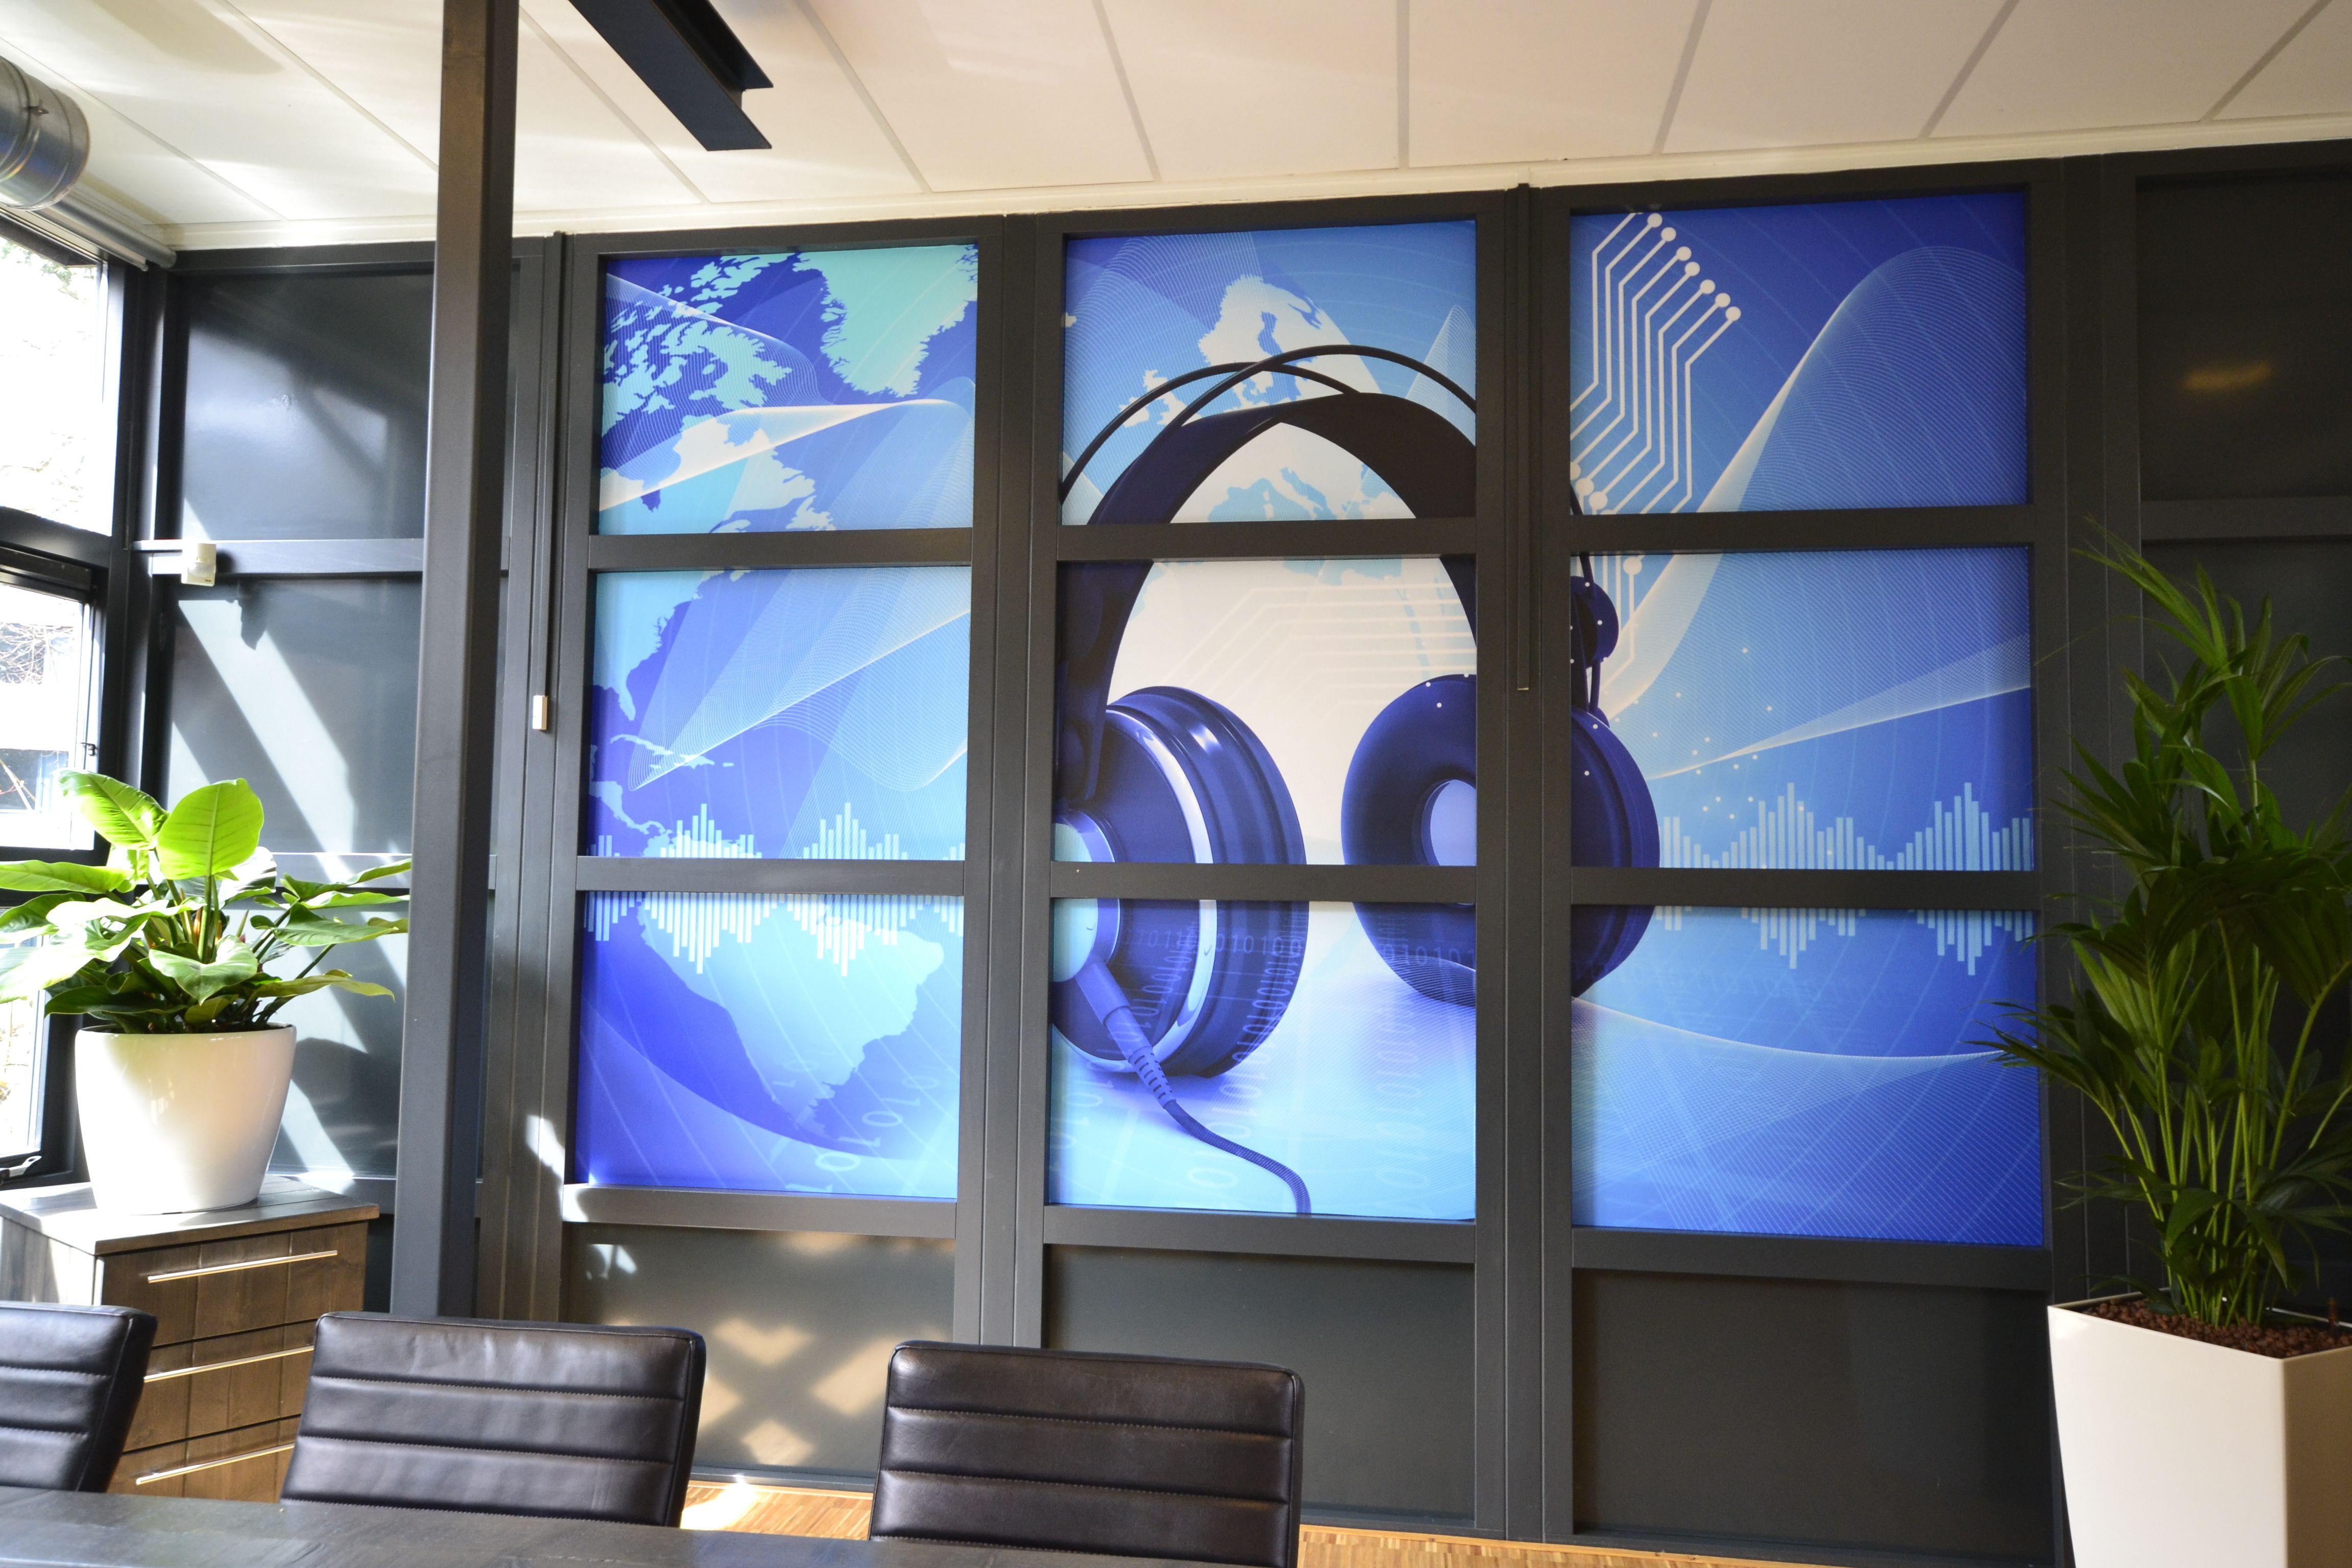 Office muziek kantoor muziek blauw behang decoration